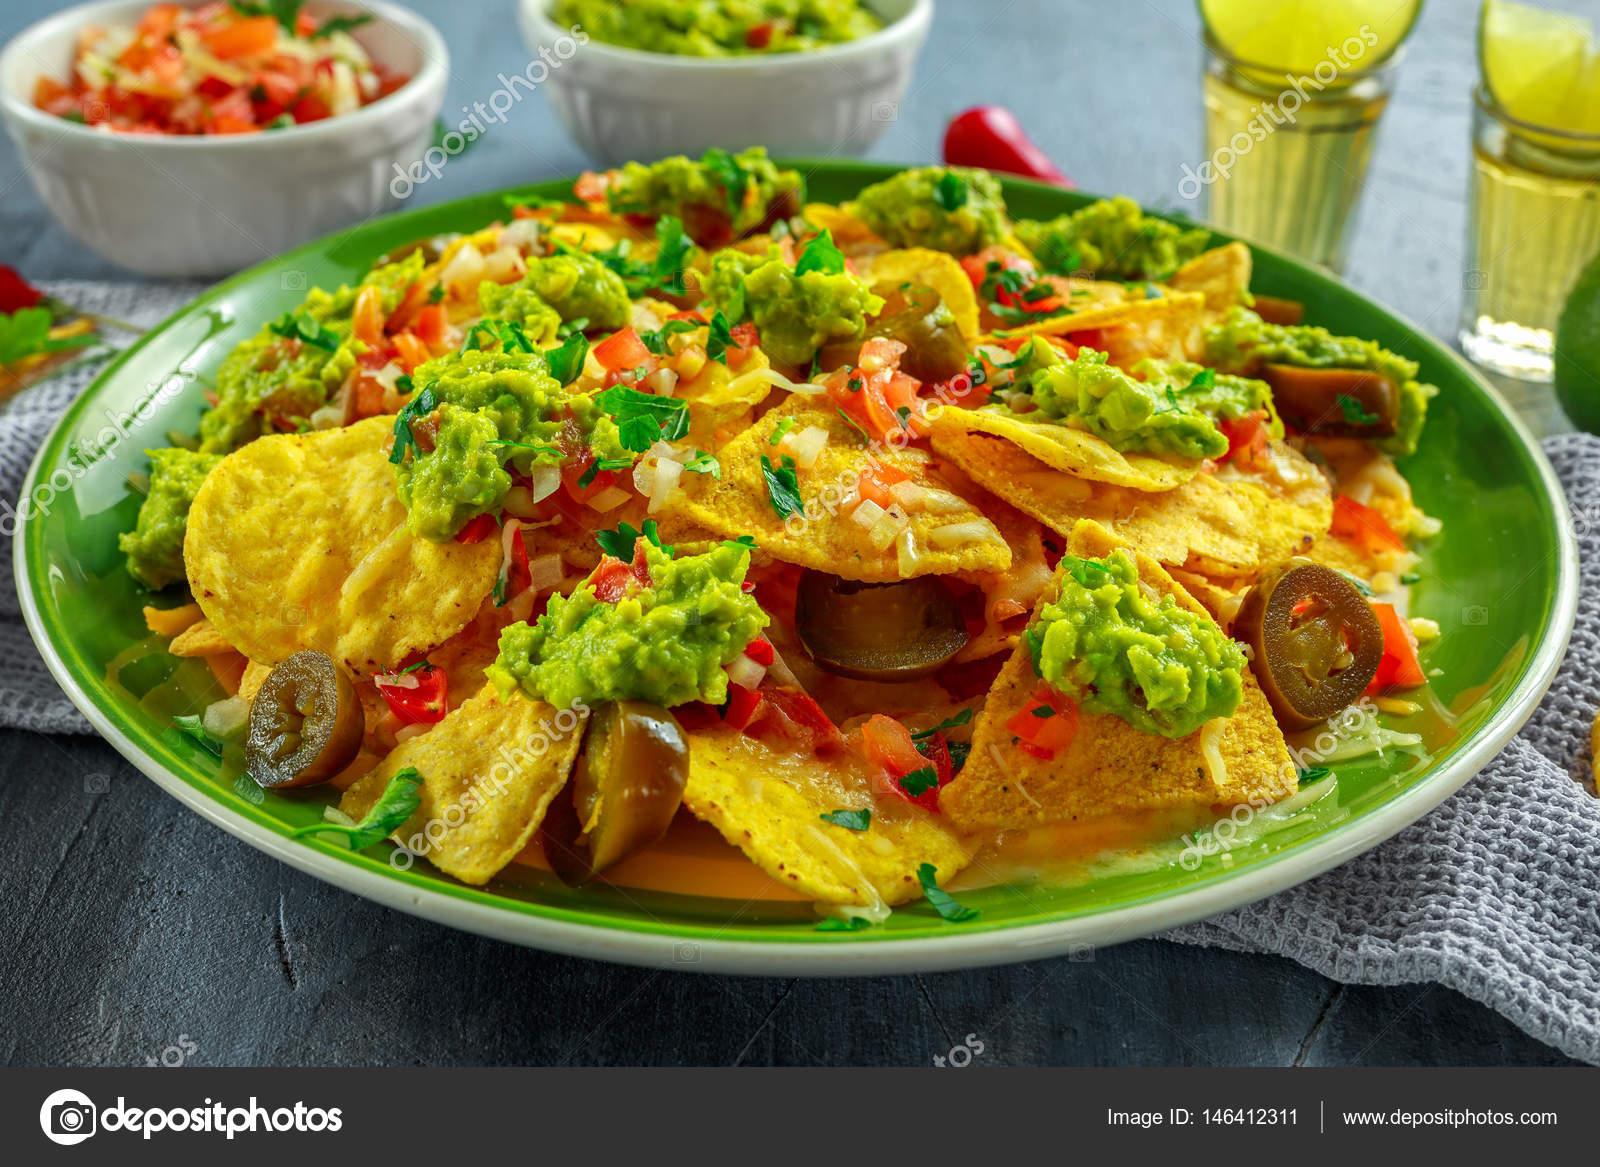 Favoriete Nachos met kaas, jalapeno pepers, rode ui, peterselie, tomaat  @GR53